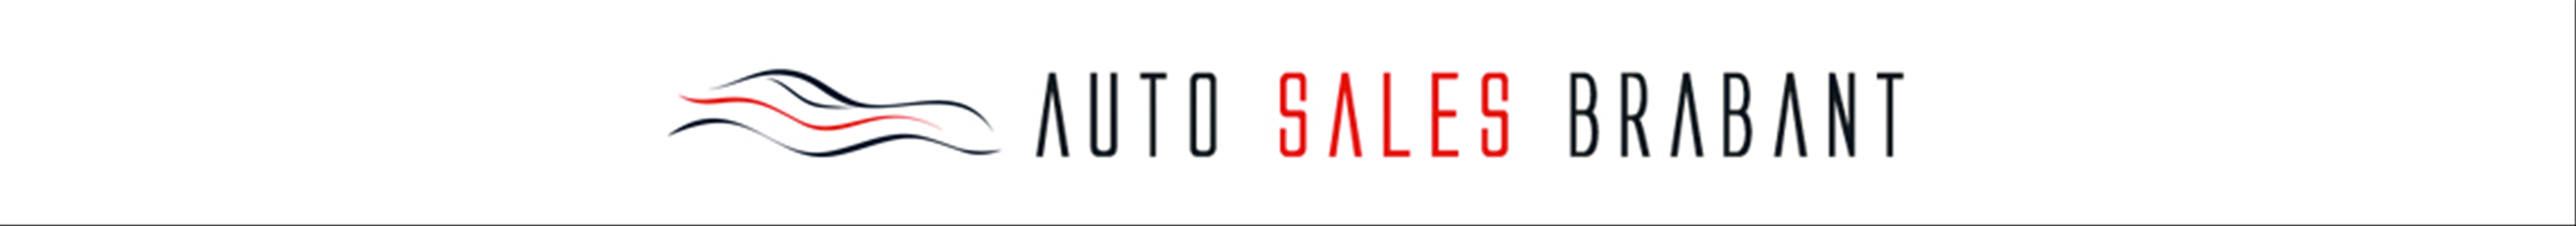 Auto Sales Brabant